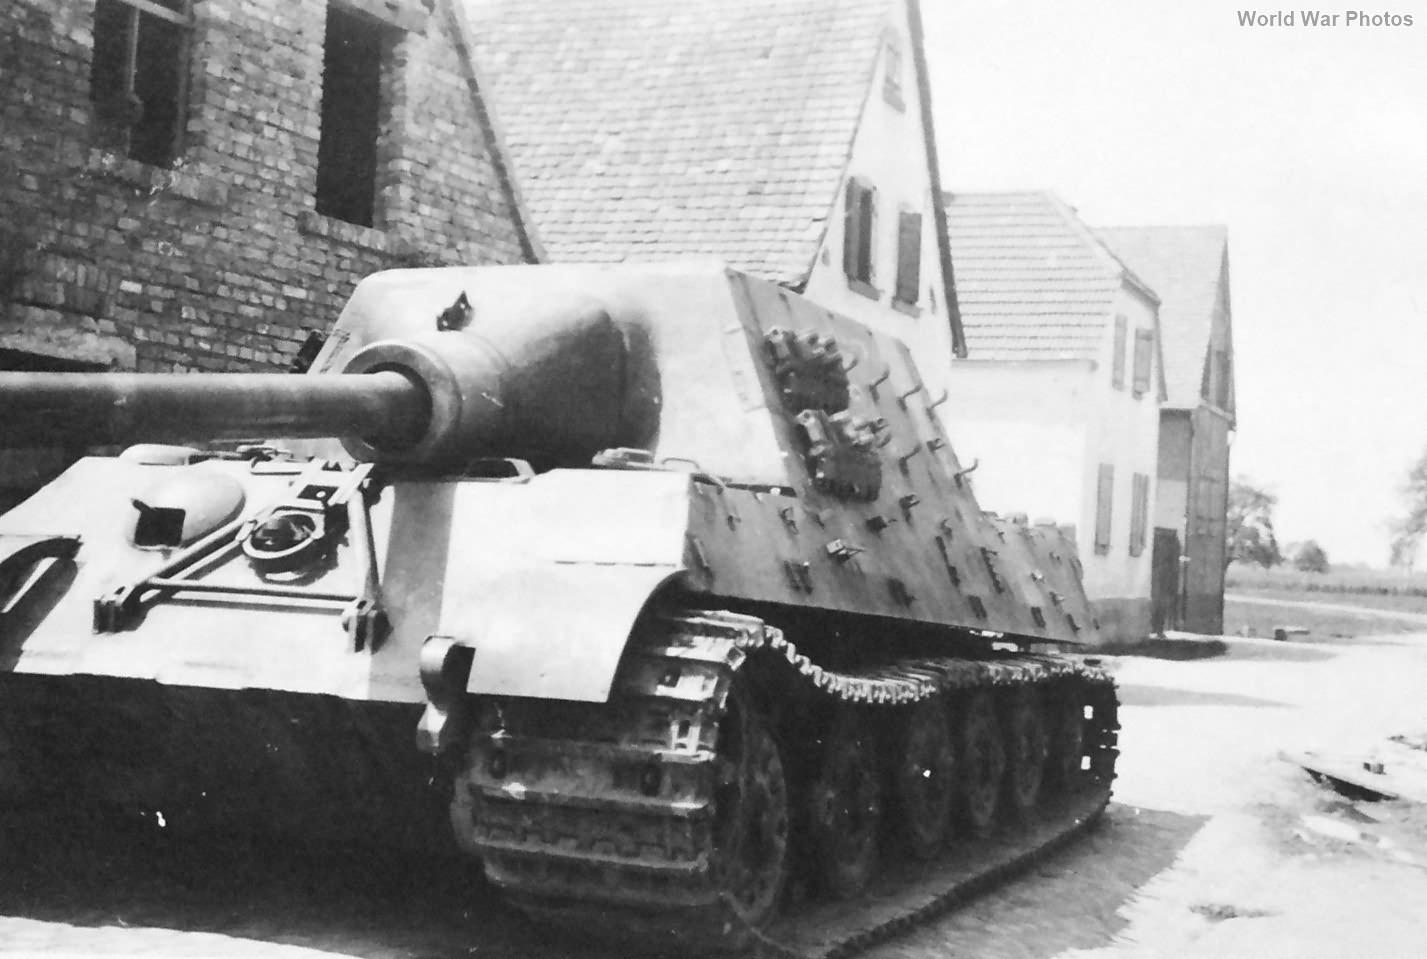 Jagdtiger of the s.Pz.Jg.Abt. 653